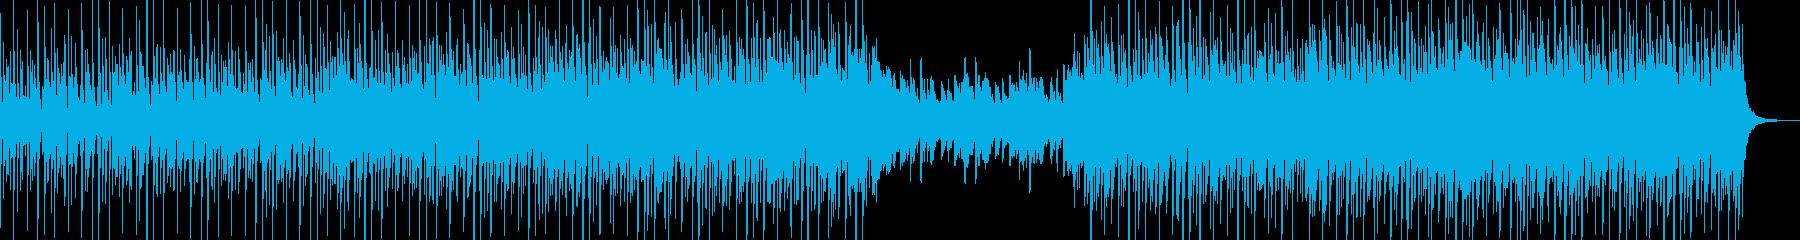 ブレイクビーツ ほのぼの 幸せ フ...の再生済みの波形